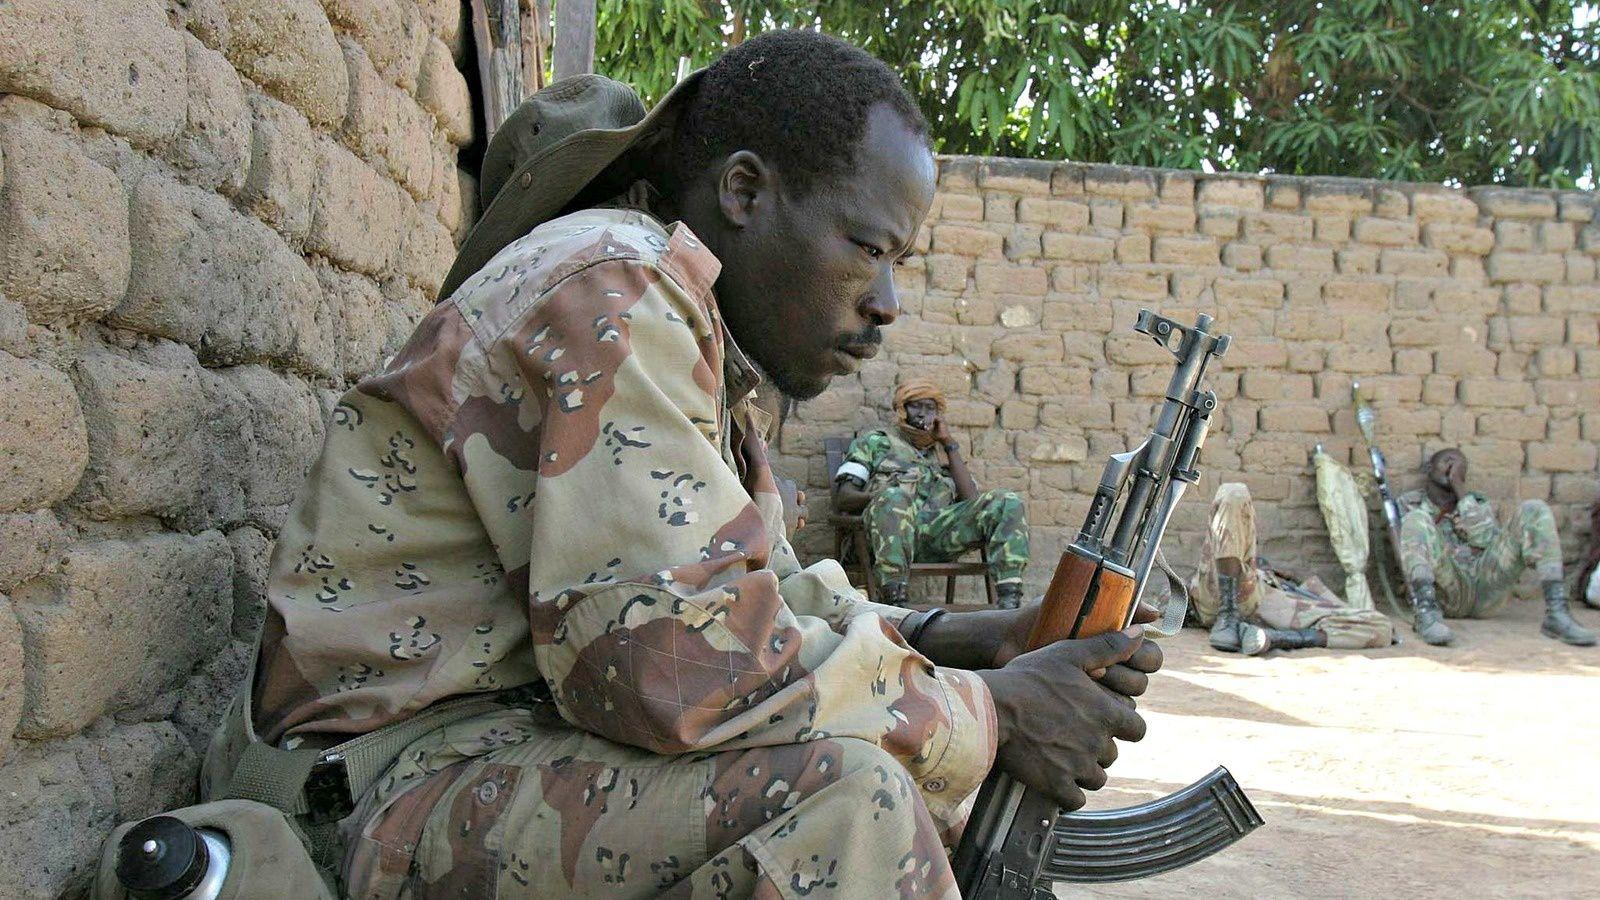 «Le rôle du Tchad dans le conflit centrafricain», thème de recherche en France«Le rôle du Tchad dans le conflit centrafricain», thème de recherche en France